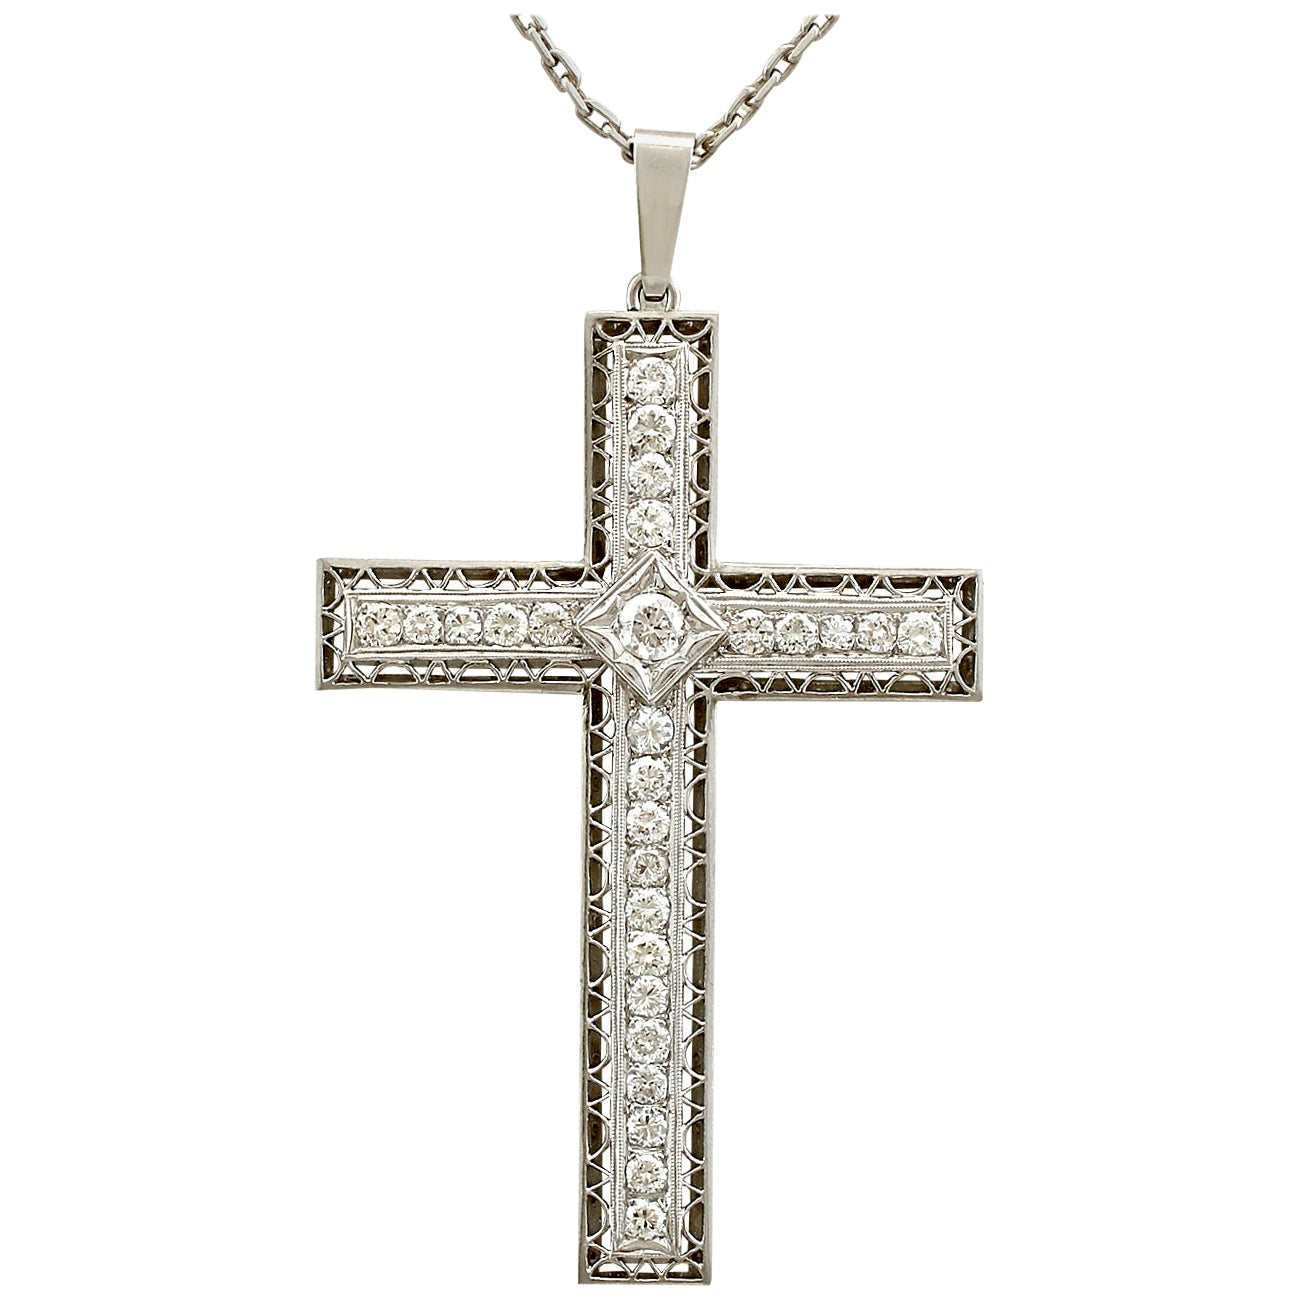 Antique 2.07 Carat Diamond and Platinum Cross Pendant, circa 1920